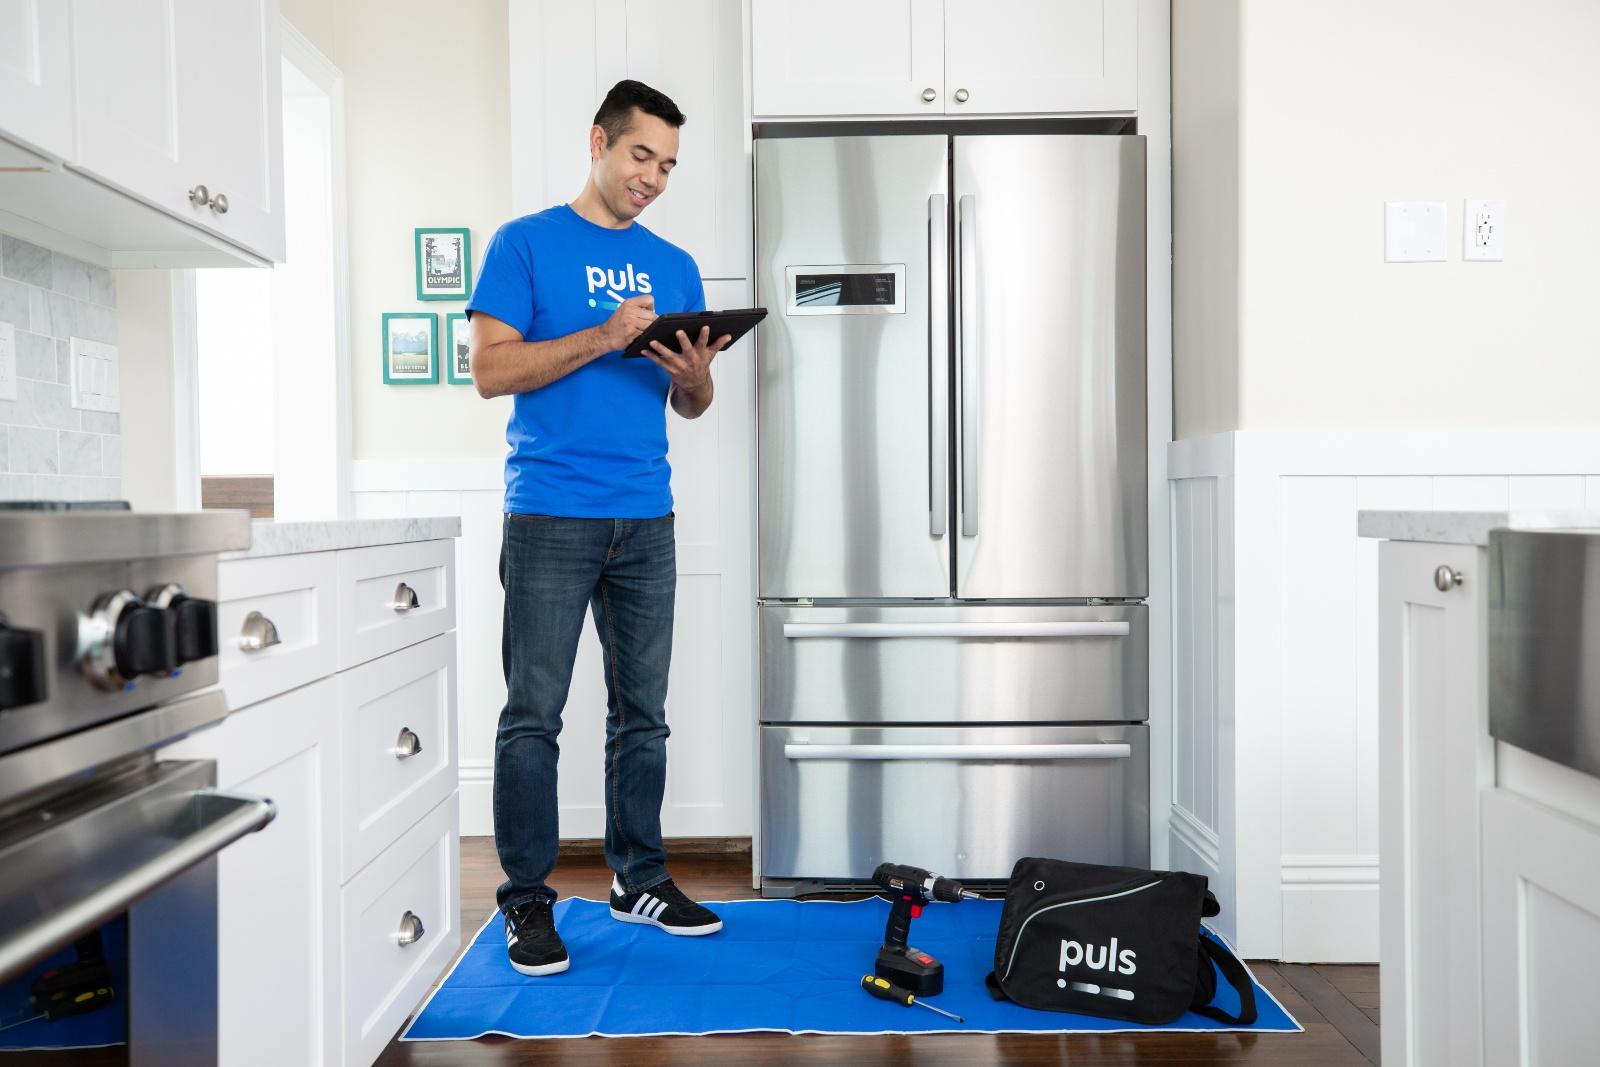 Puls appliance repair